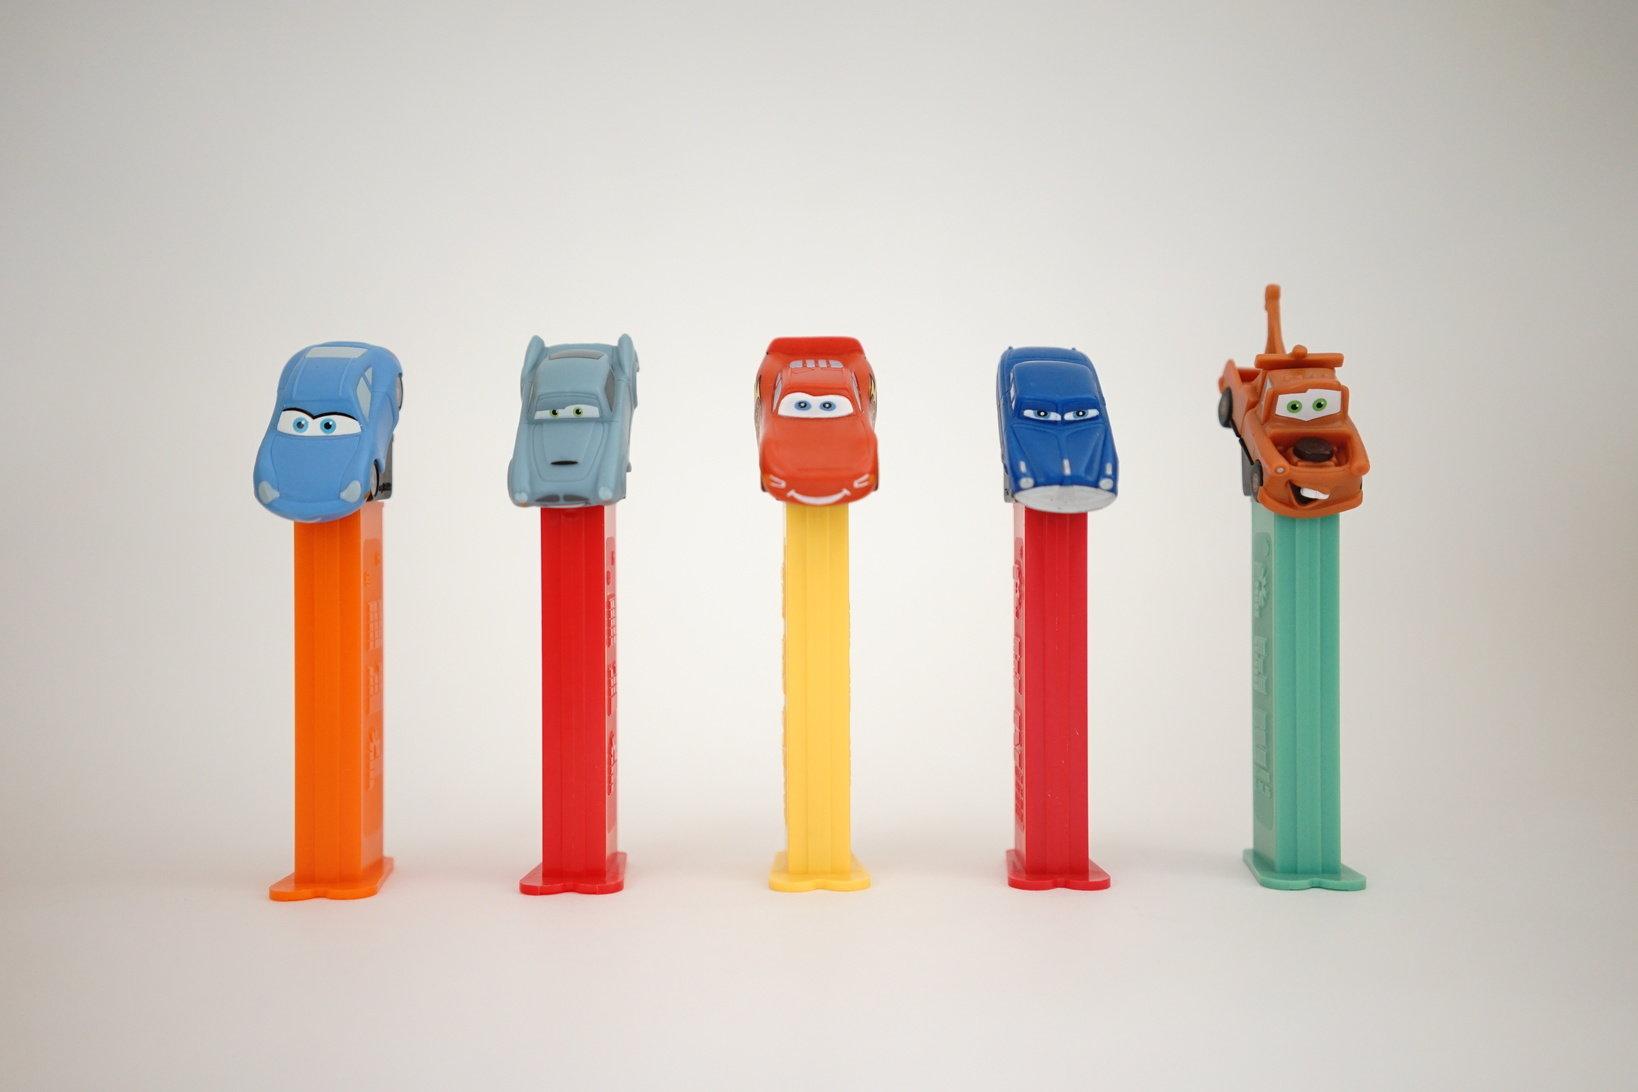 (左から)サリー、フィン・マックミサイル、マックィーン、ドッグ・ハドソン、メーター